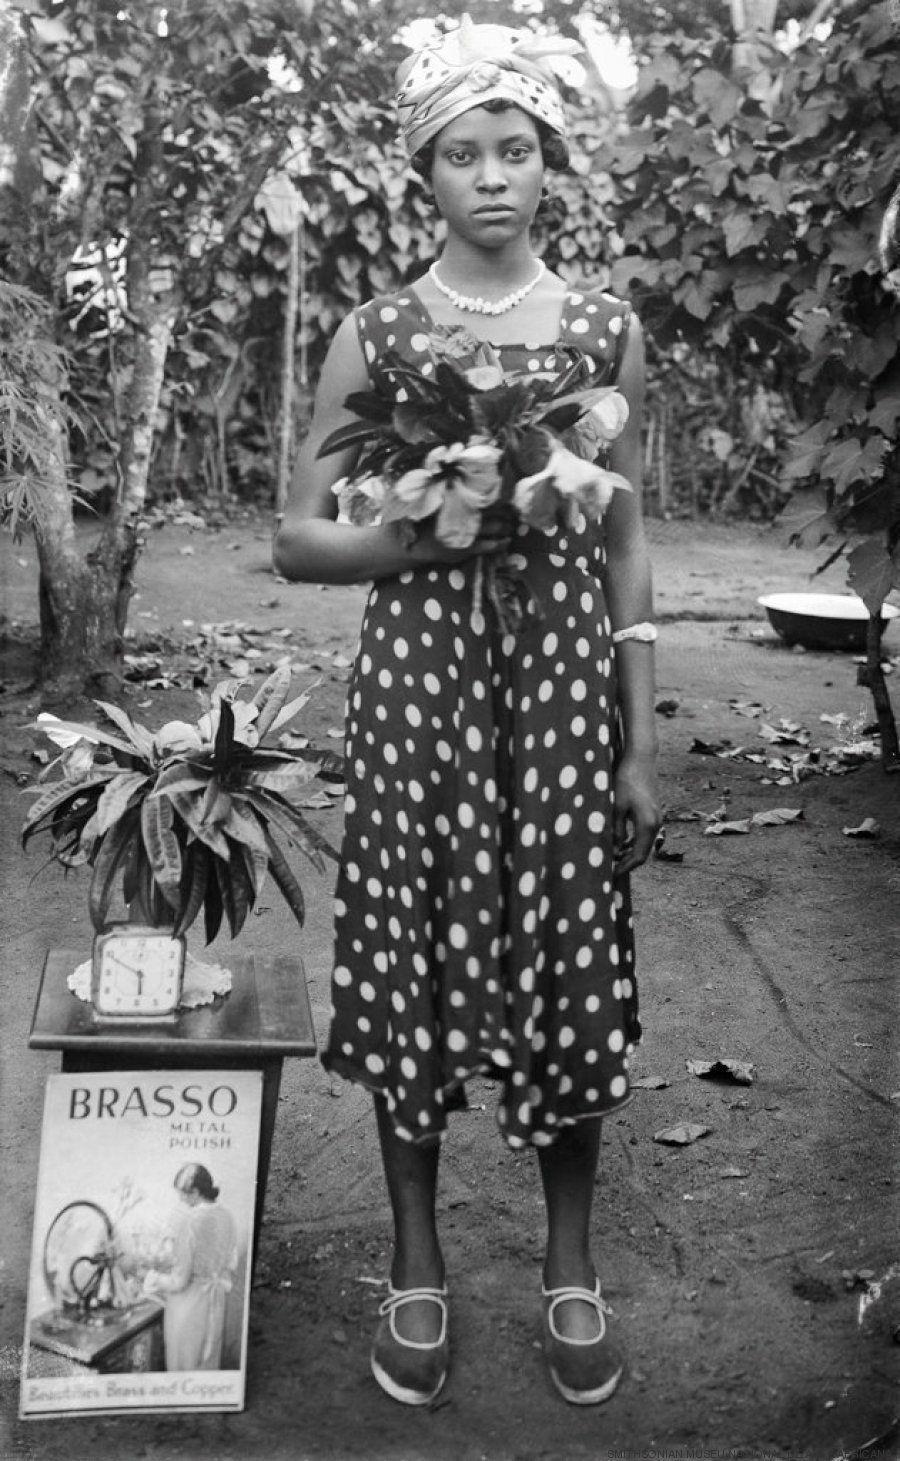 Estas fotos vintage recontam a história da Nigéria e dissolvem estereótipos